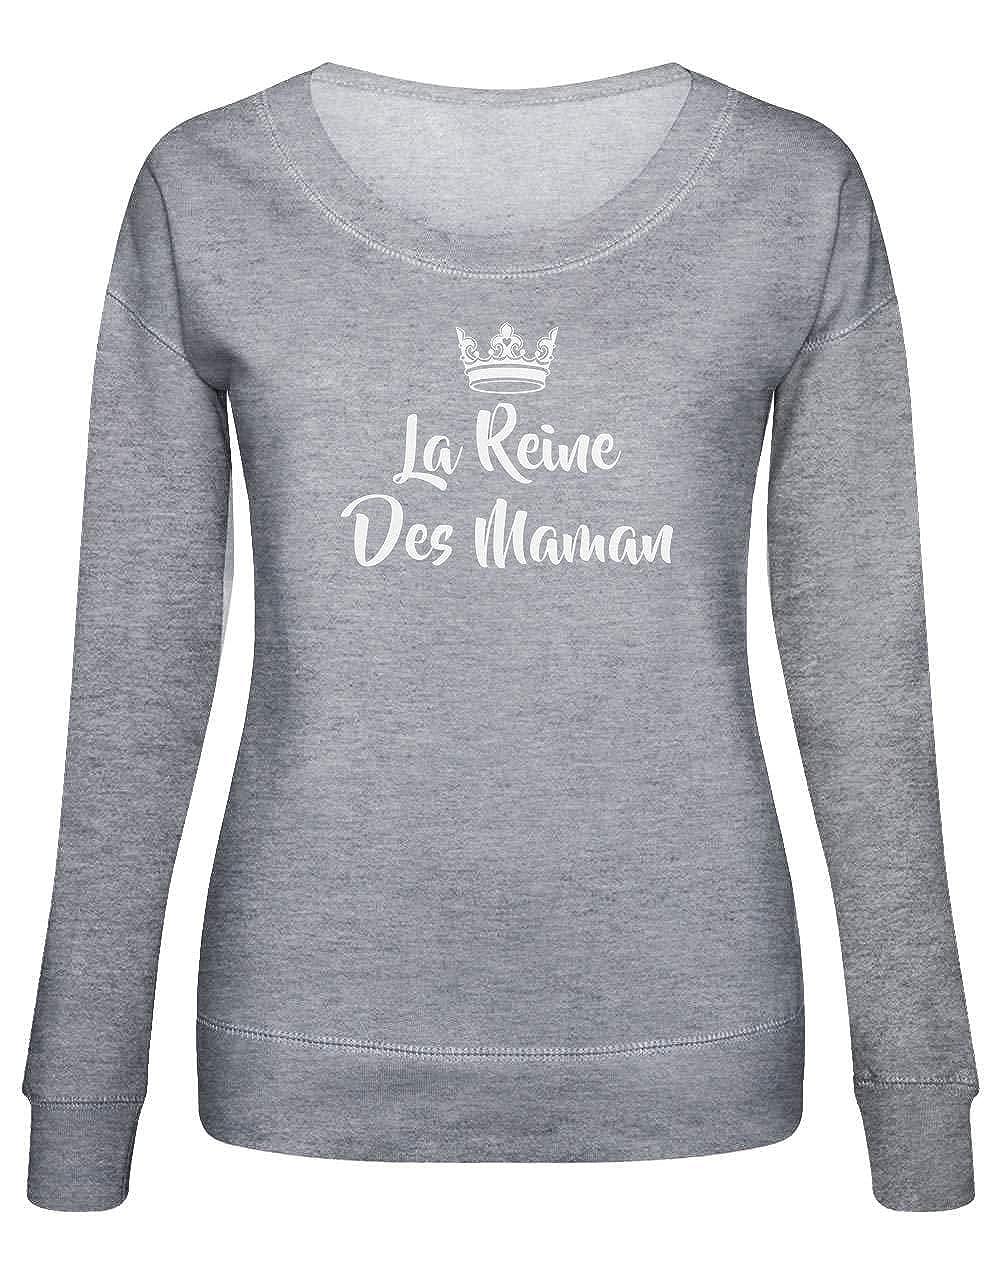 8a144af882f08 Fête des MèresSweatshirt Femme Green Turtle T-Shirts La Reine des Mamans  Fantaisie et Specialty